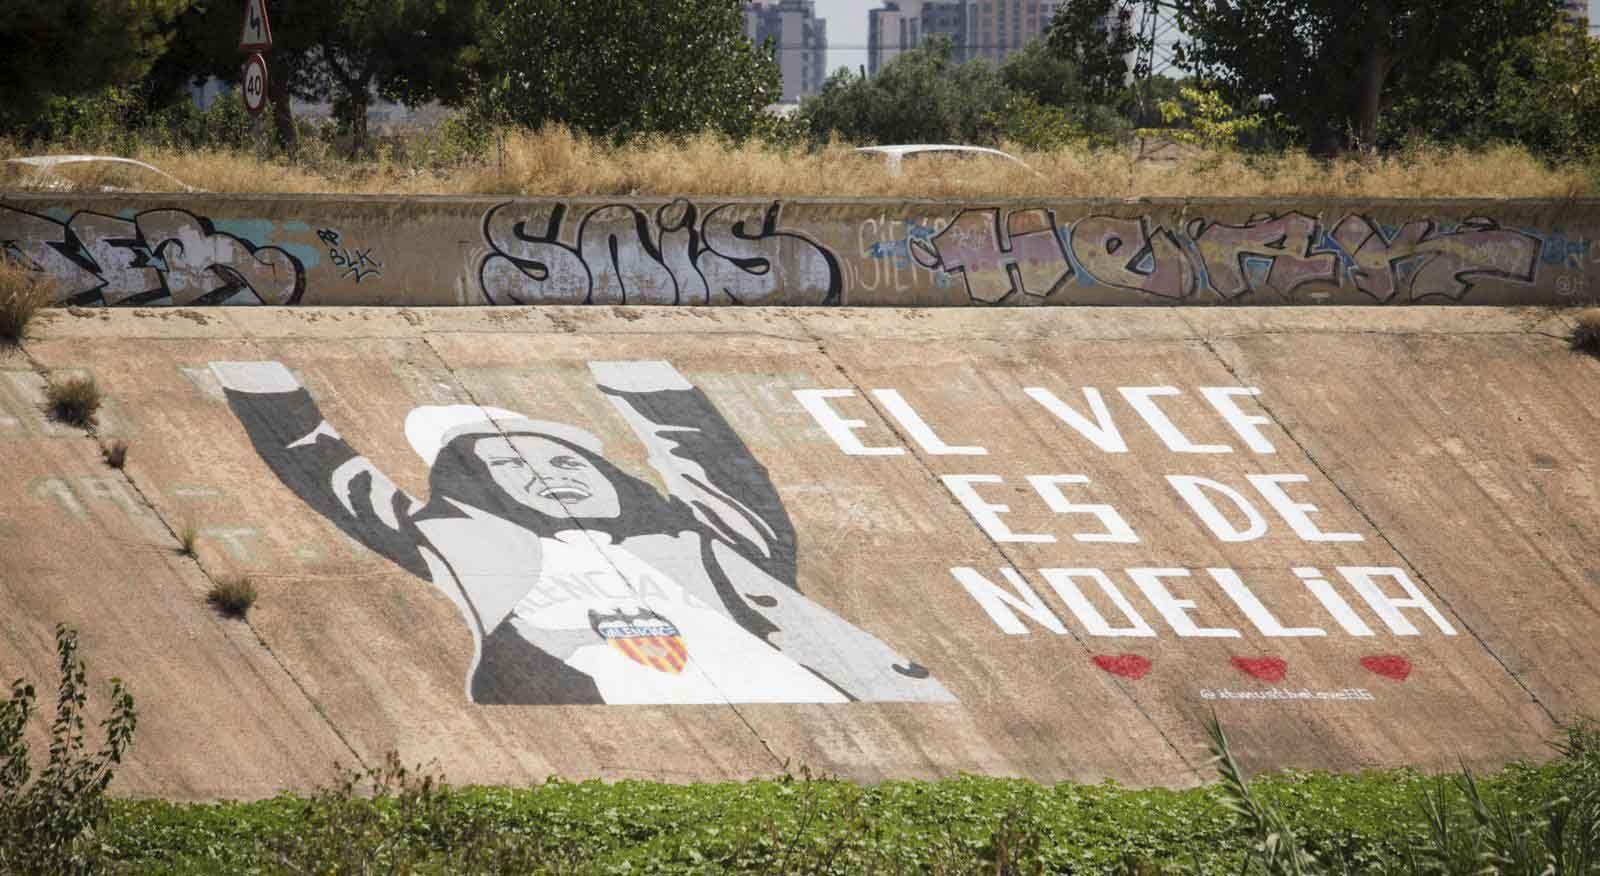 El revolucionario arte protesta de ltmustbelove86 contra Peter Lim